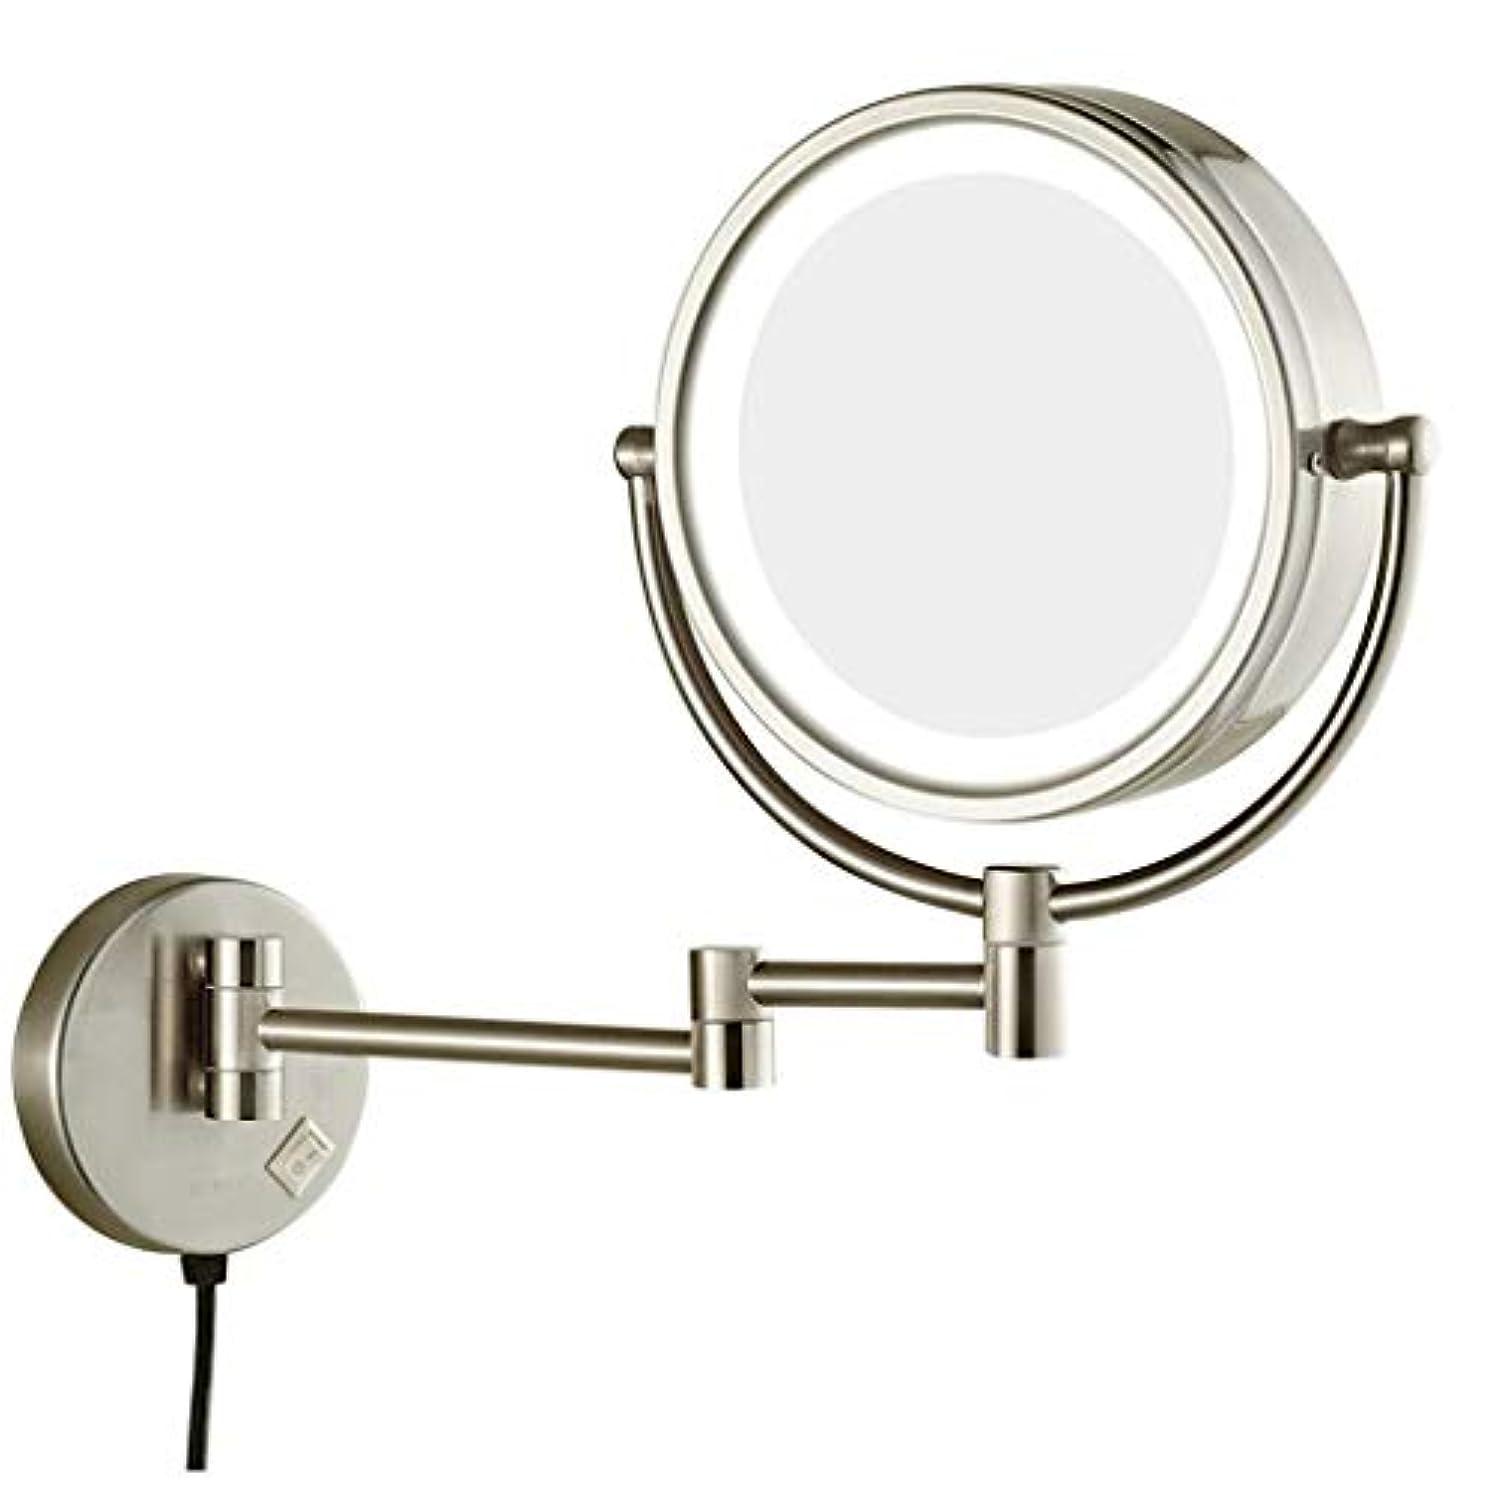 死朝ごはん活力HUYYA シェービングミラー バスルームメイクアップミラー LEDライト付き、8インチ化粧鏡 壁付 7 倍拡大鏡 バニティミラー 両面 丸め 寝室や浴室に適しています,Nickel_Hardwired connection